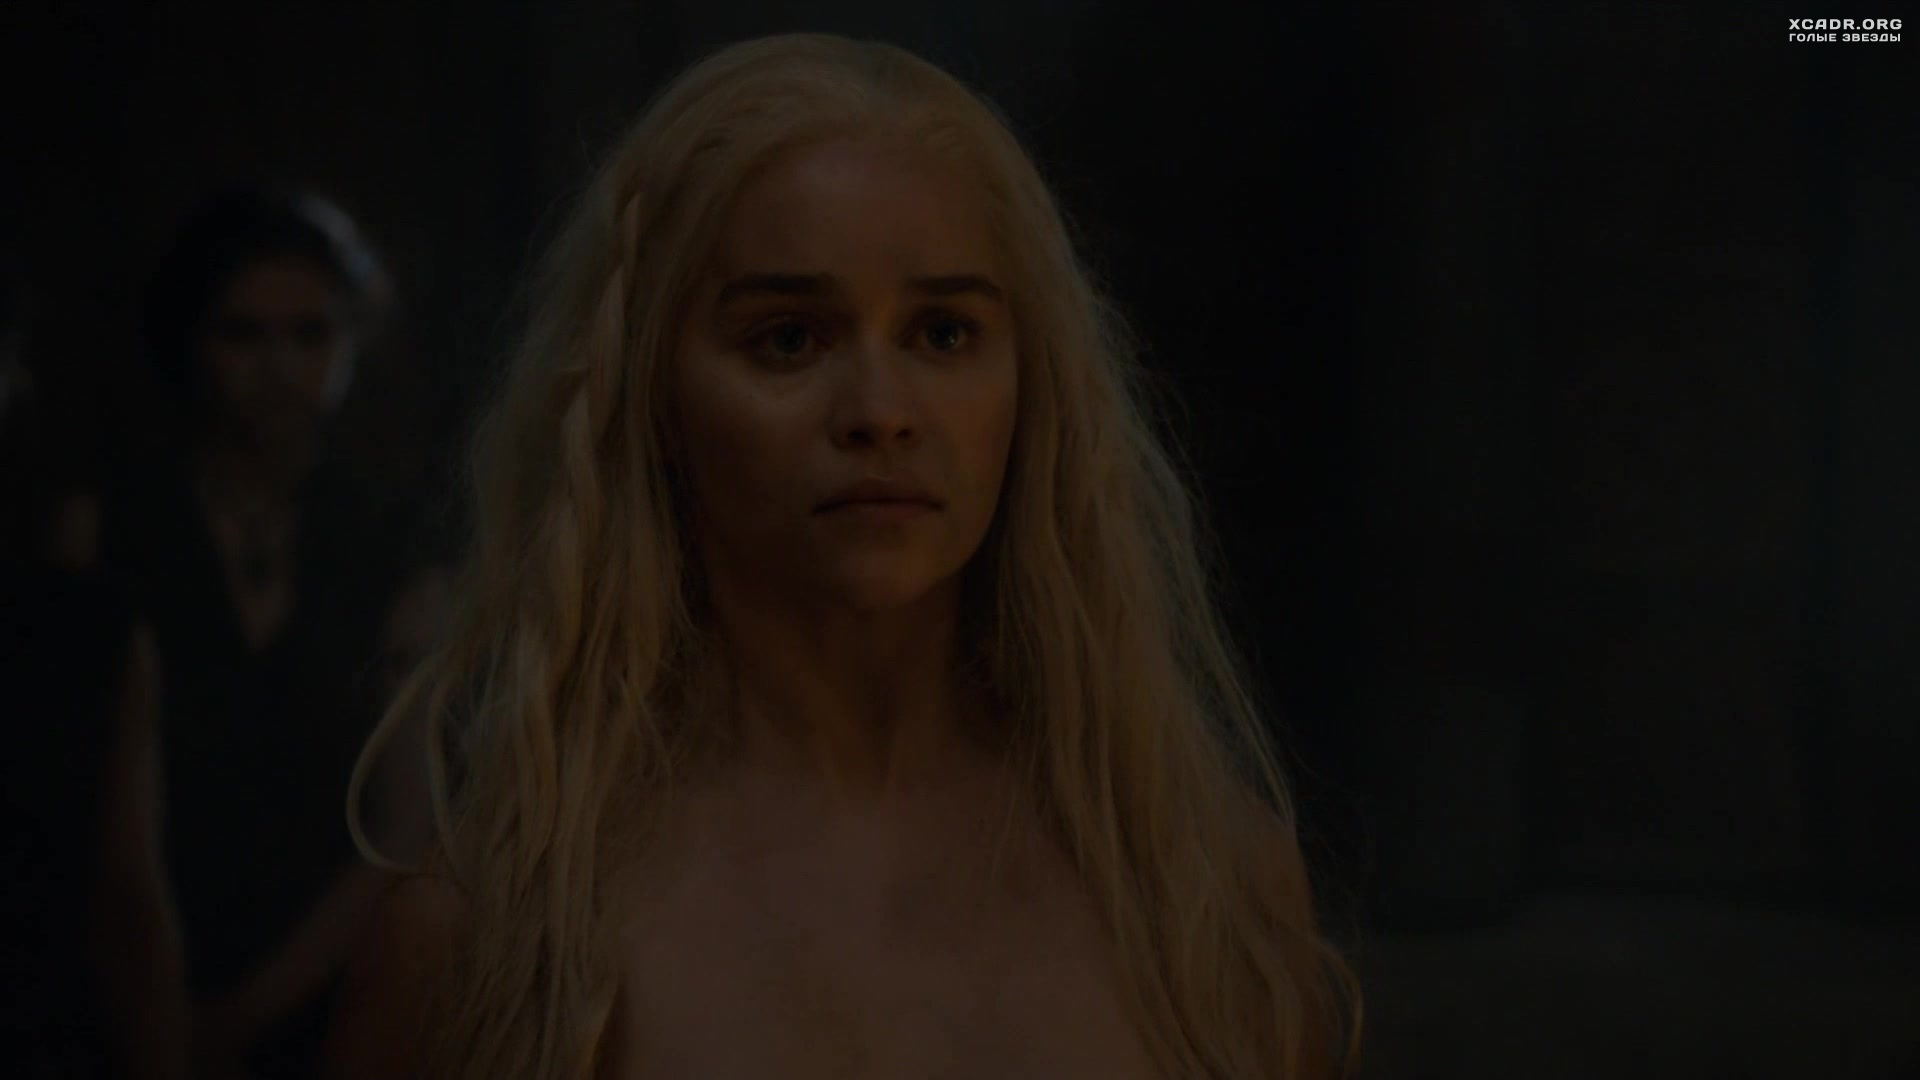 голая Эмилия Кларк (Emilia Clarke) - Игры престолов (2010)